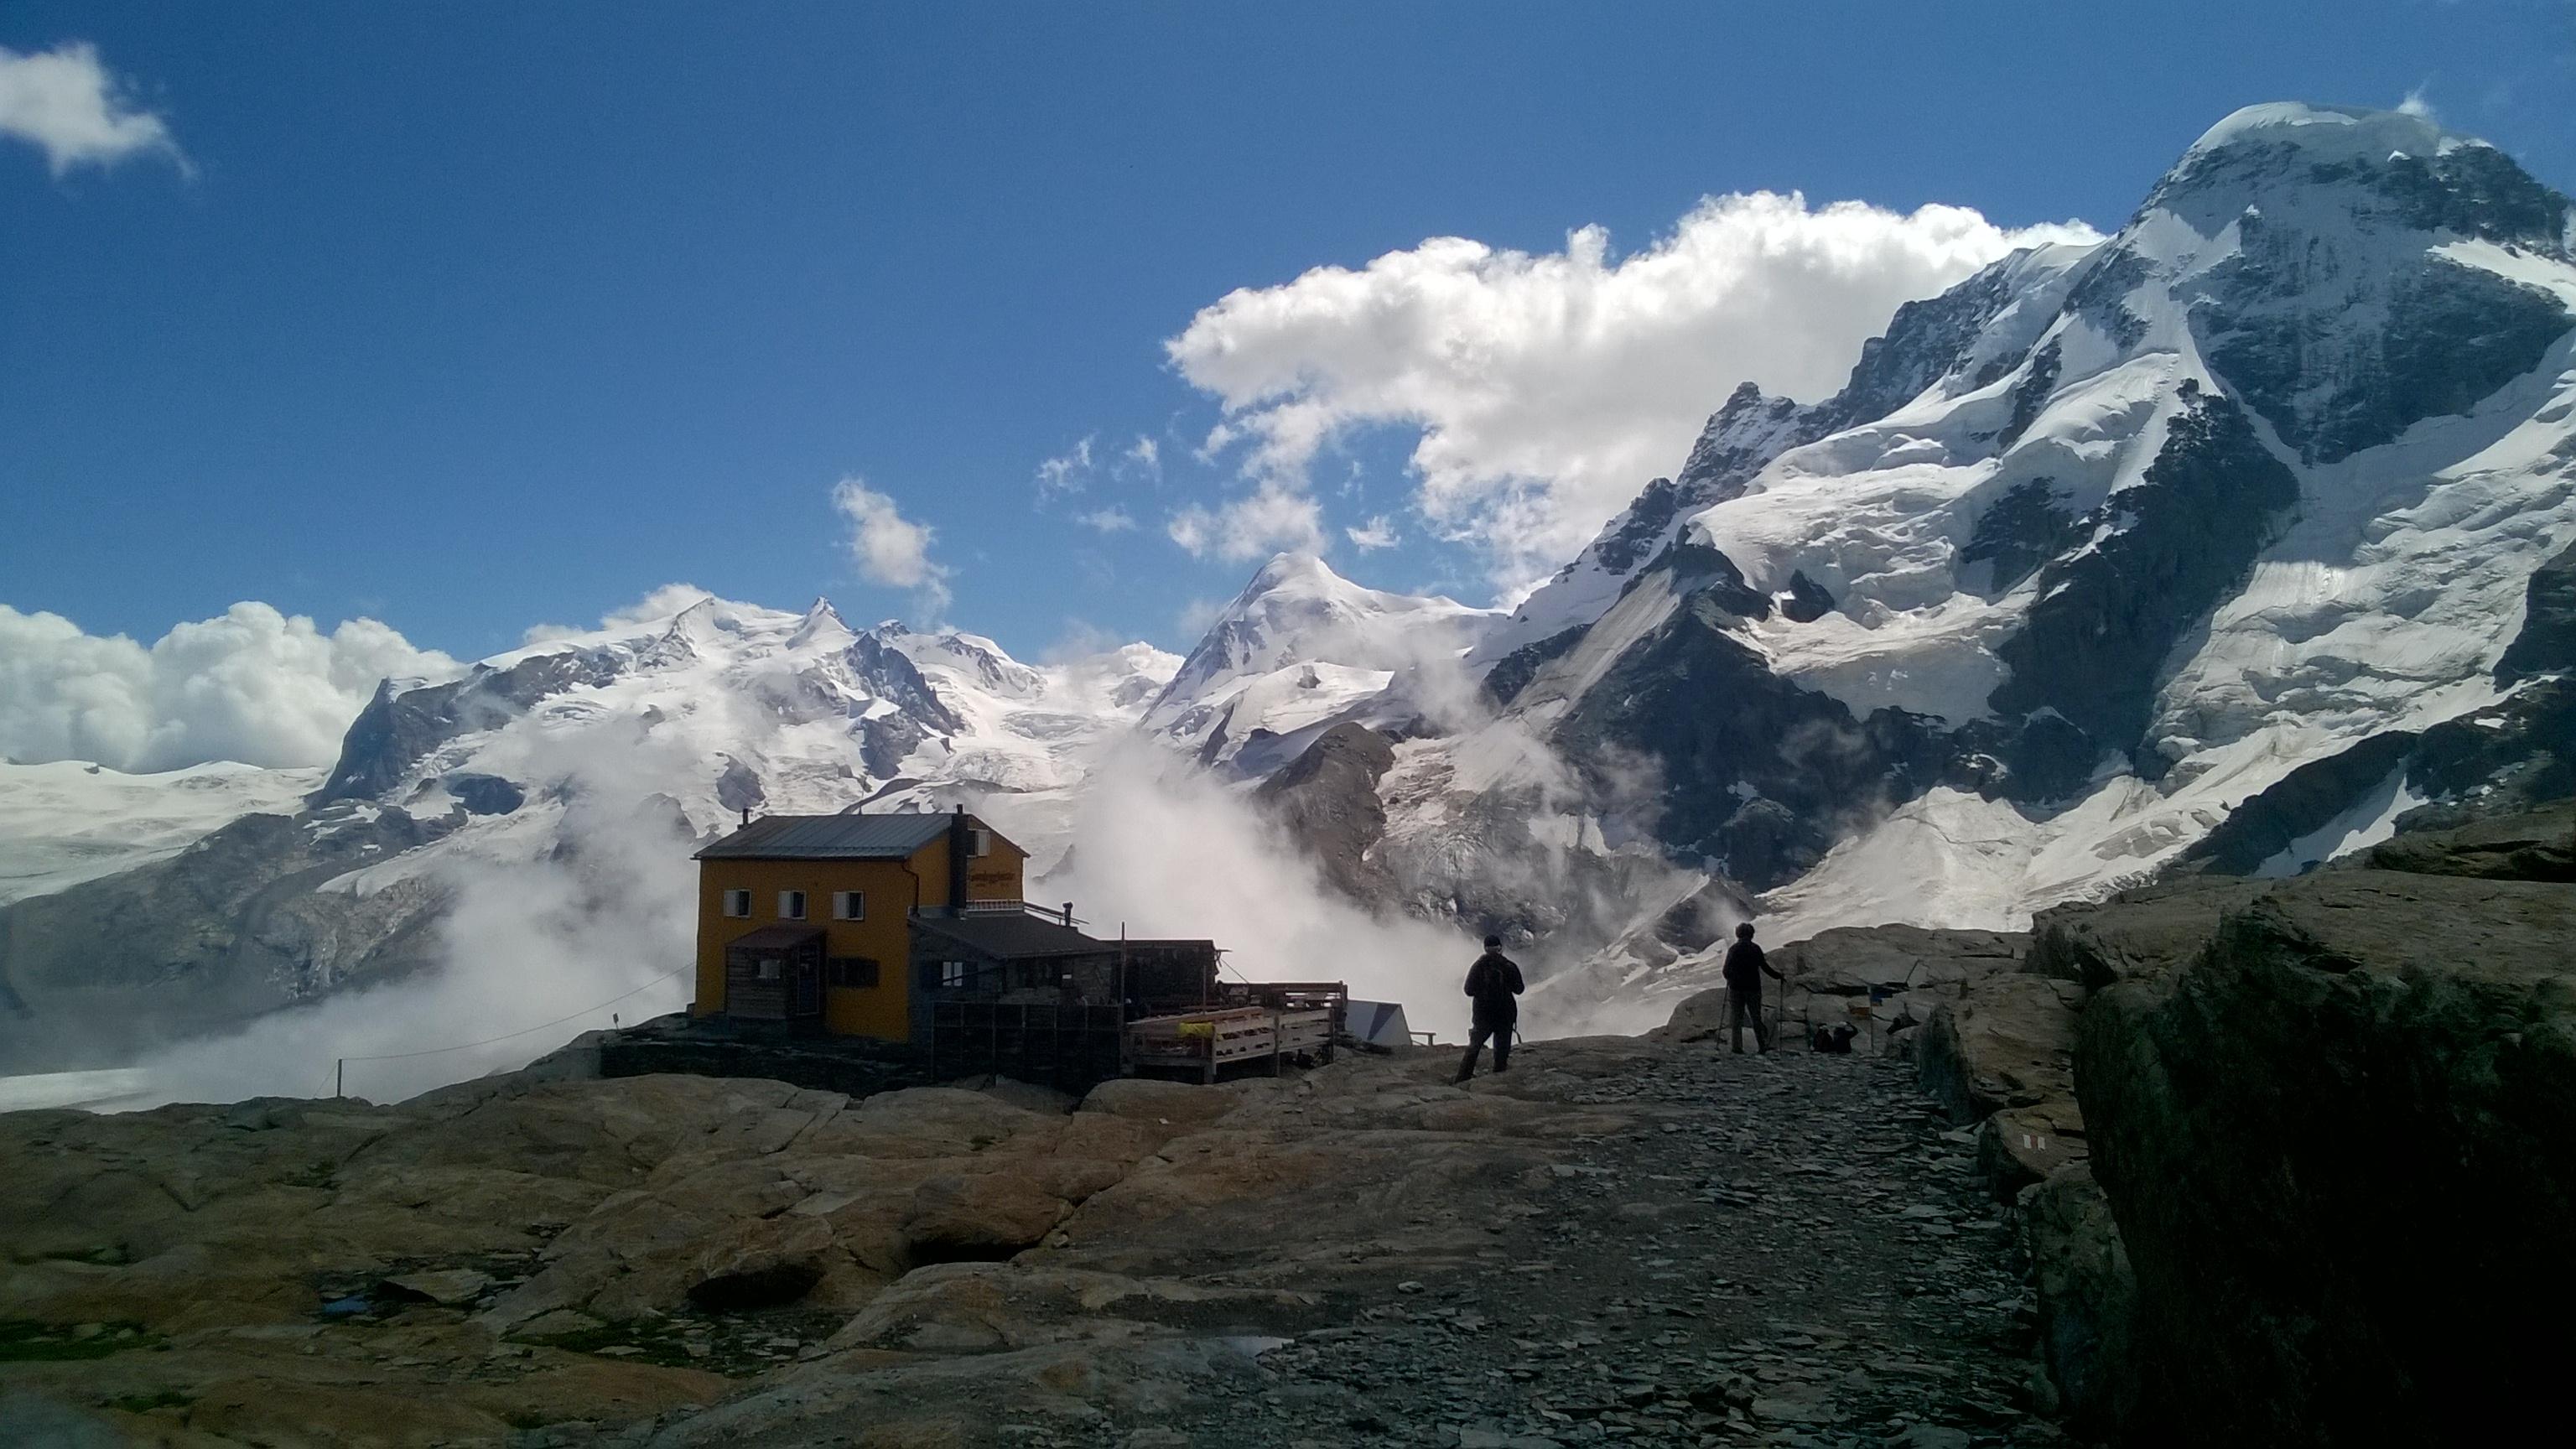 Gandegg Hut